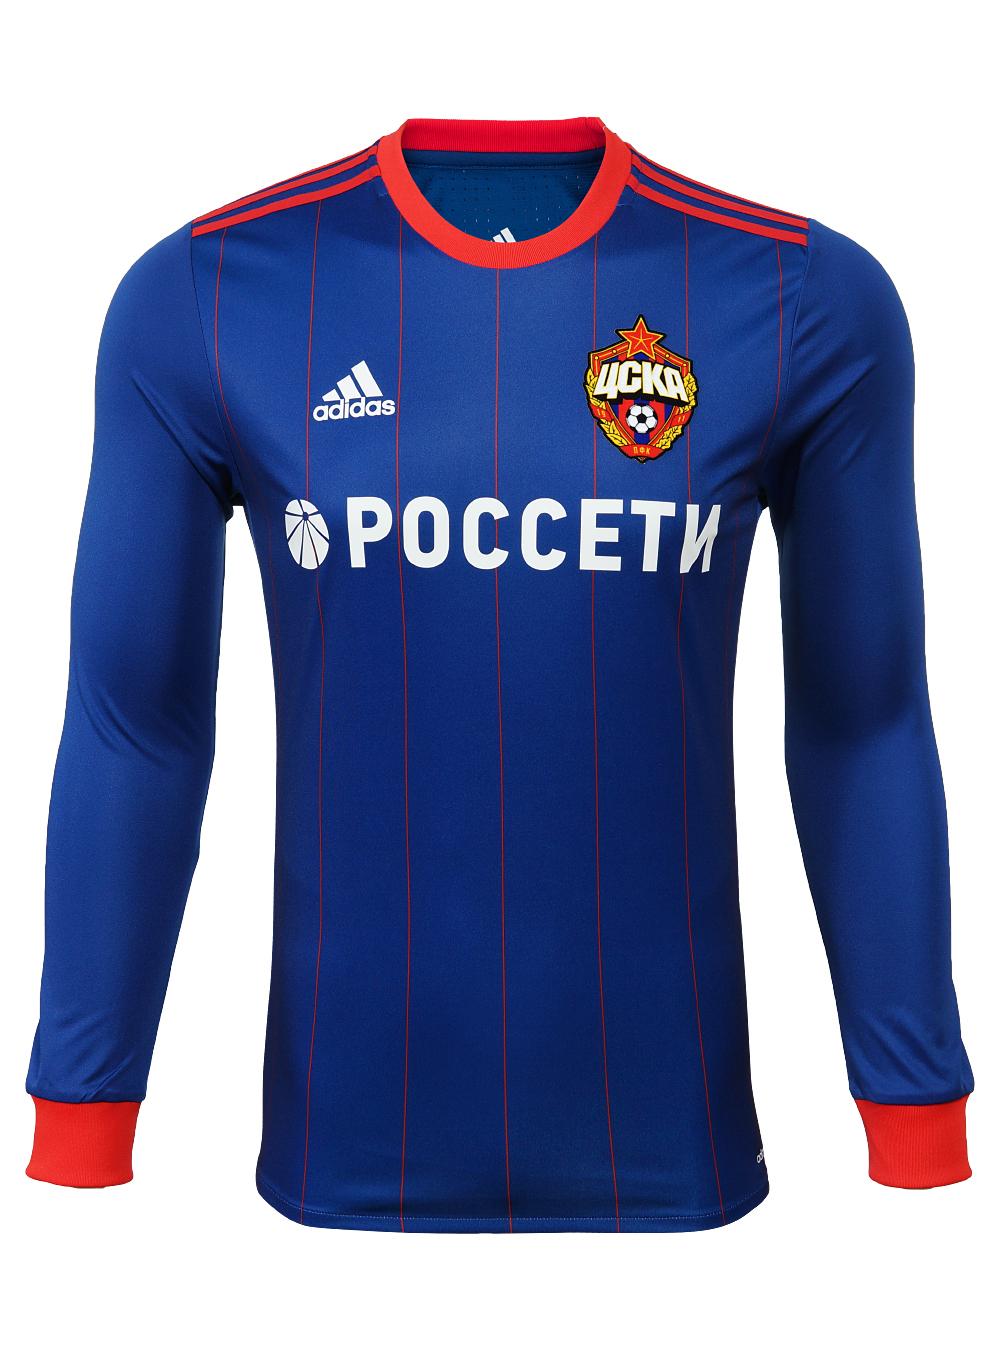 Купить Игровая футболка домашняя с длинным рукавом (оригинал) (7) по Нижнему Новгороду